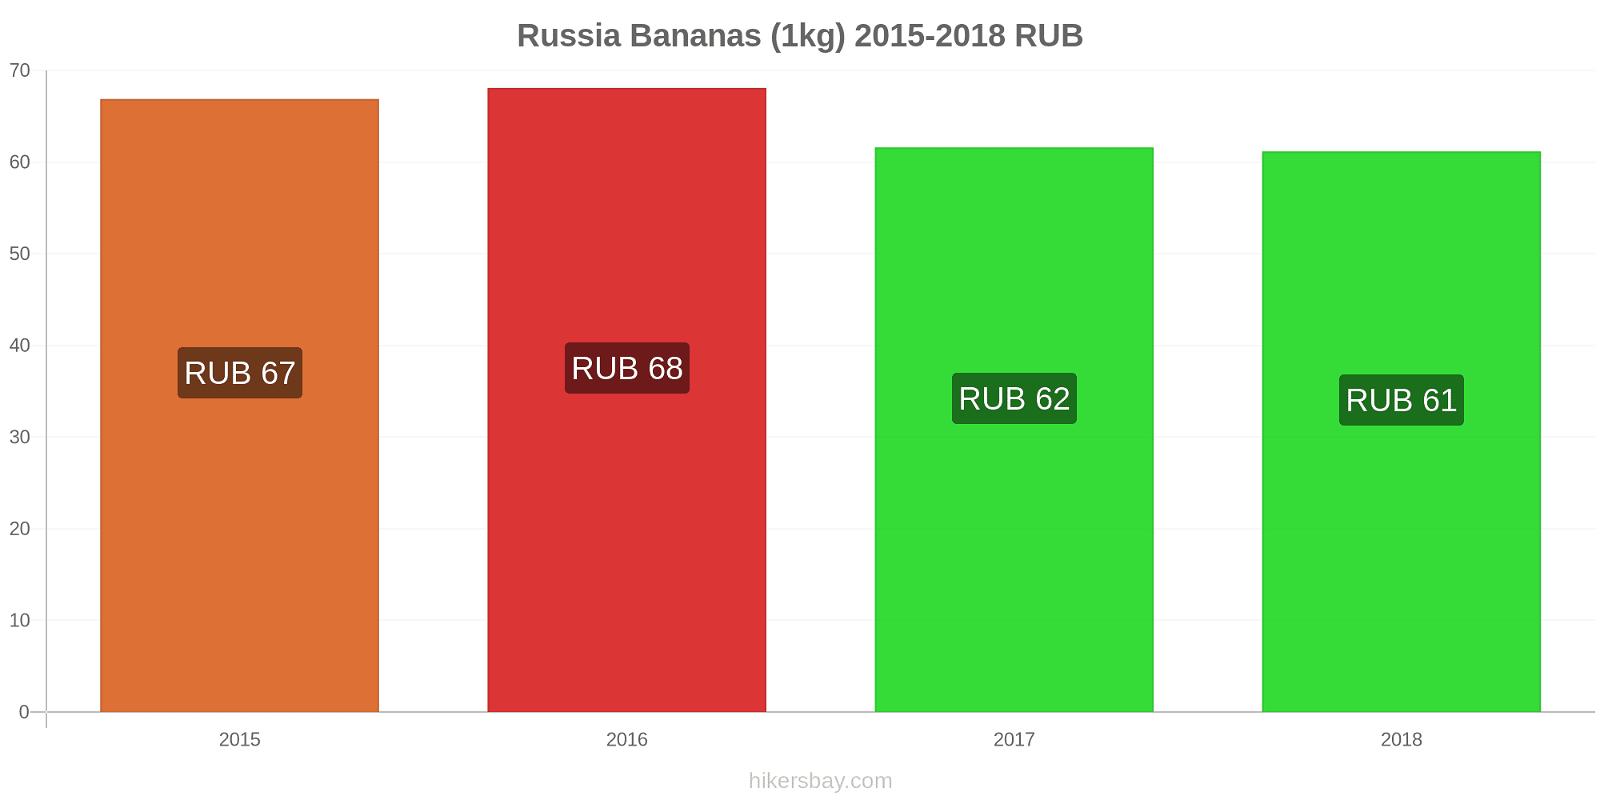 Russia price changes Bananas (1kg) hikersbay.com